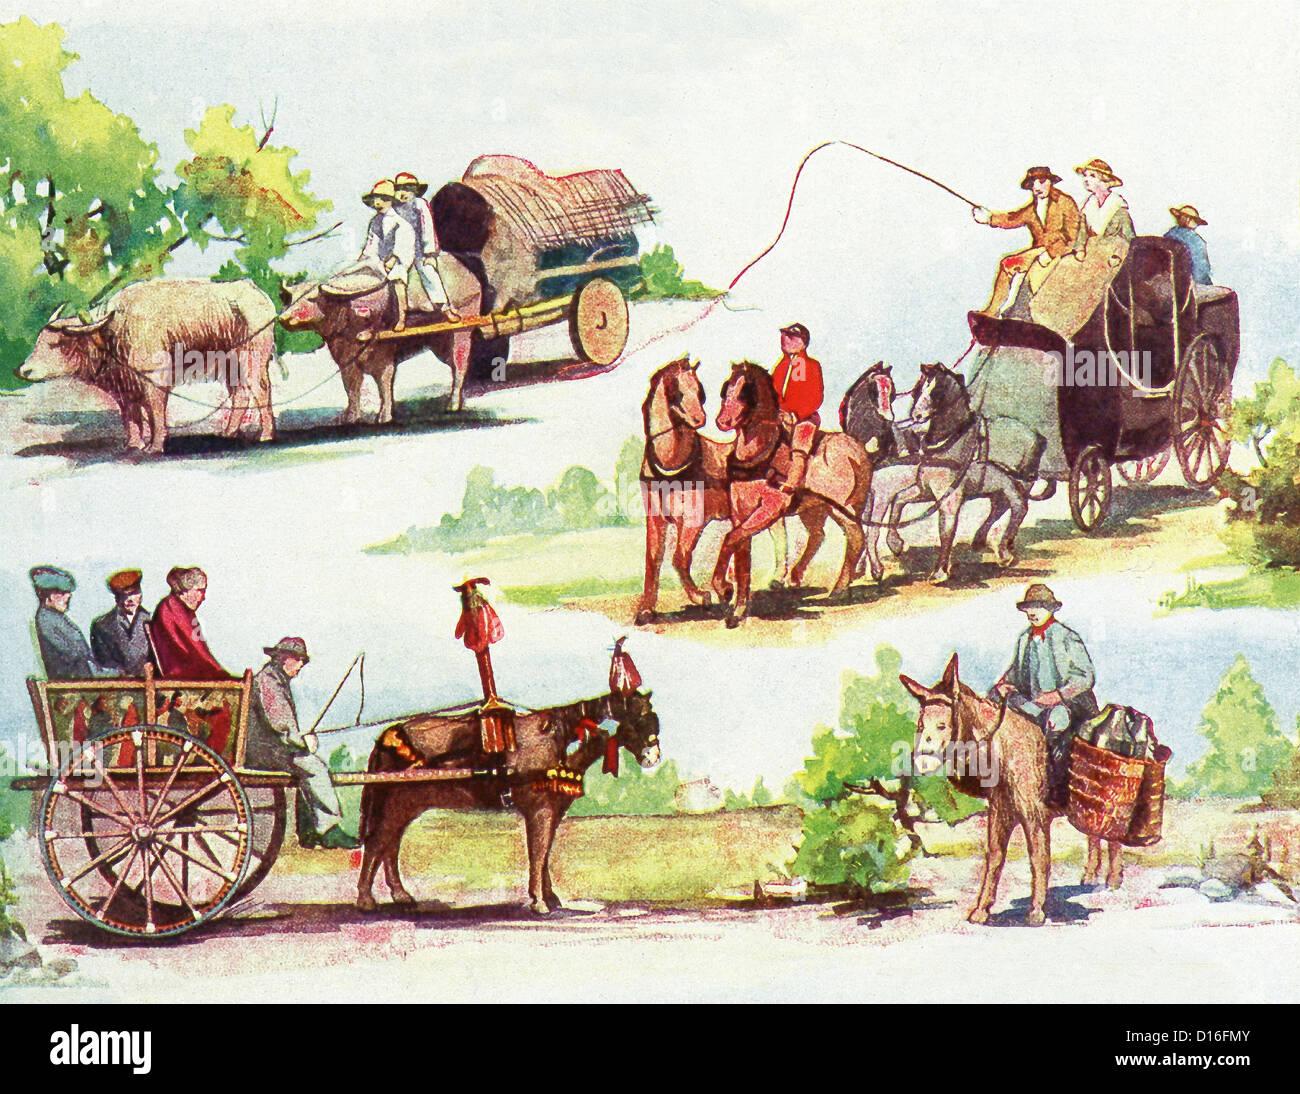 Modes de déplacement-Tagalog Philippines, en tandem, l'entraîneur Anglais, Espagnol charrette sicilienne Photo Stock